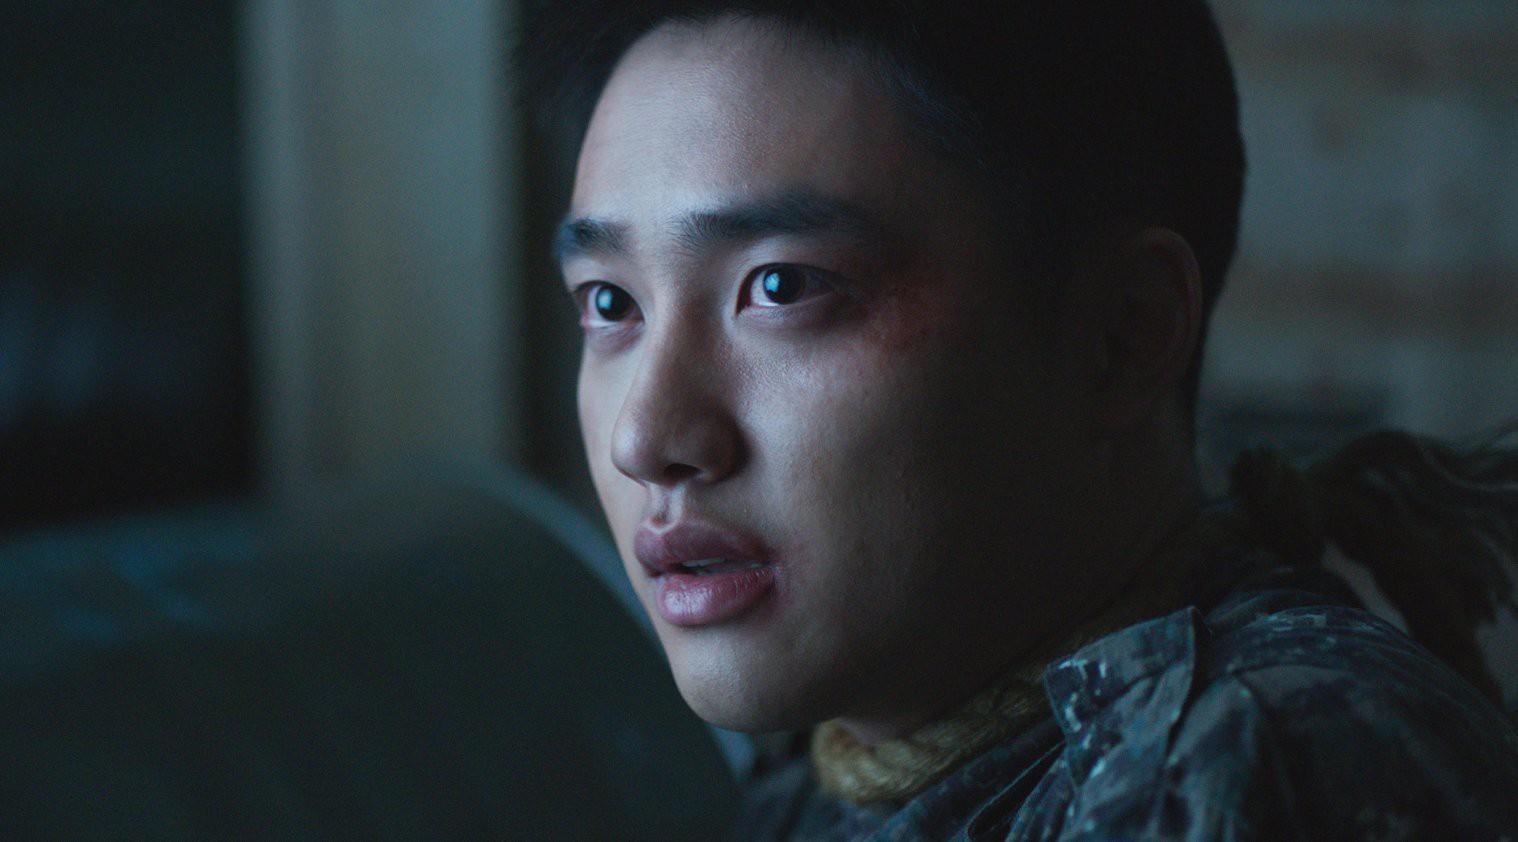 """Kể chuyện cõi âm đầy kỳ thú, """"Thử Thách Thần Chết"""" đáng là bom tấn chốt năm 2017 của điện ảnh Hàn - Ảnh 9."""